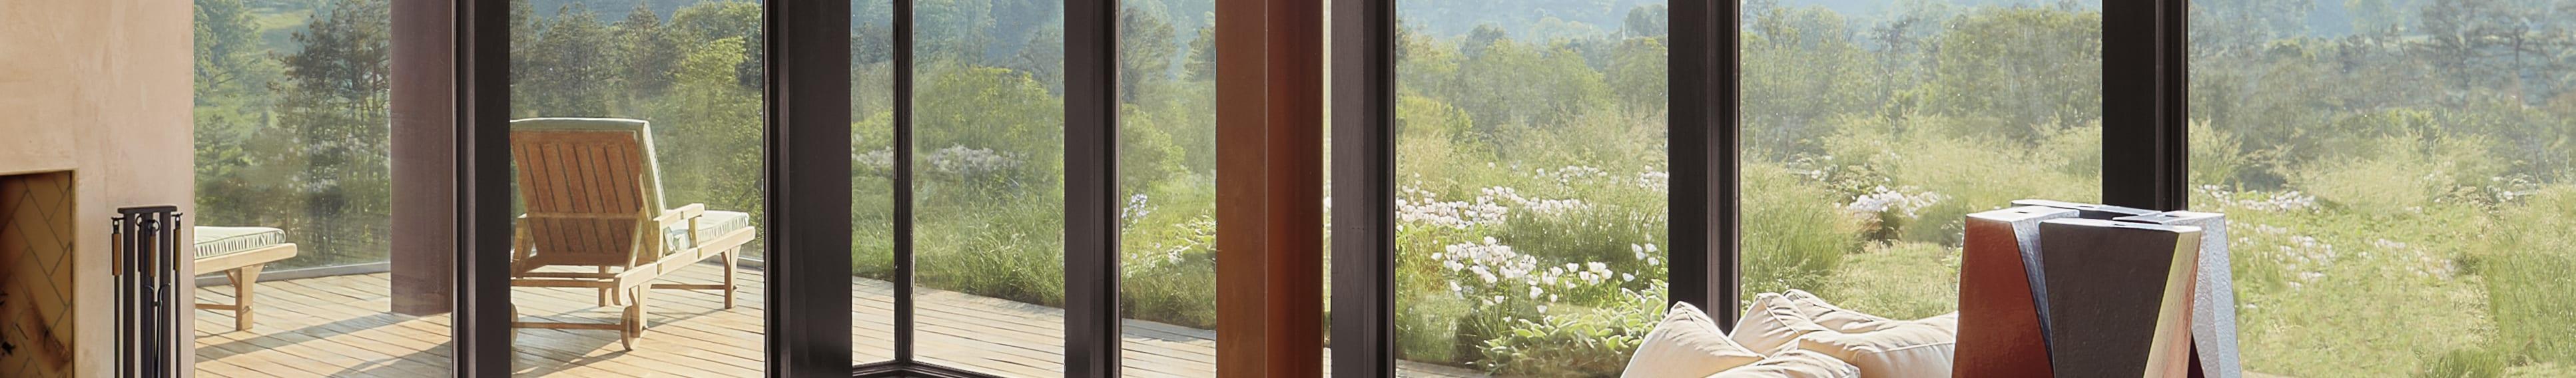 Jeld wen windows ashby lumber for Ashby windows